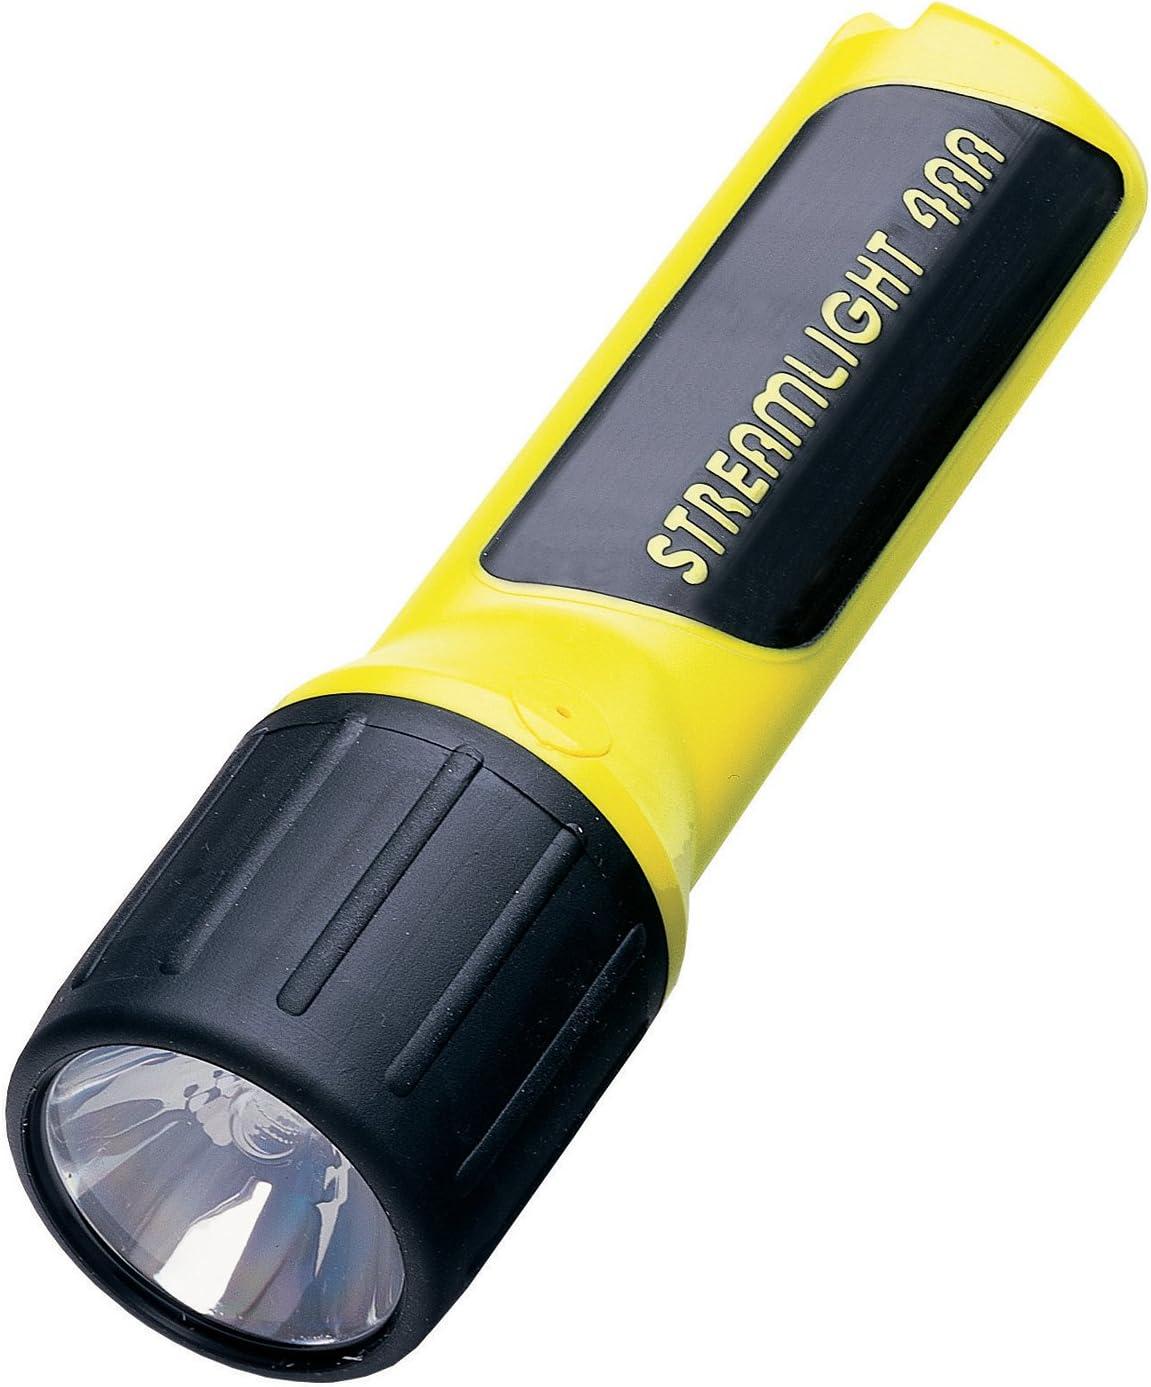 Streamlight 68270 ProPolymer Lux Div 2 Helmet Lighting Kit, Yellow - 120 Lumens 71T7Ls2B097L